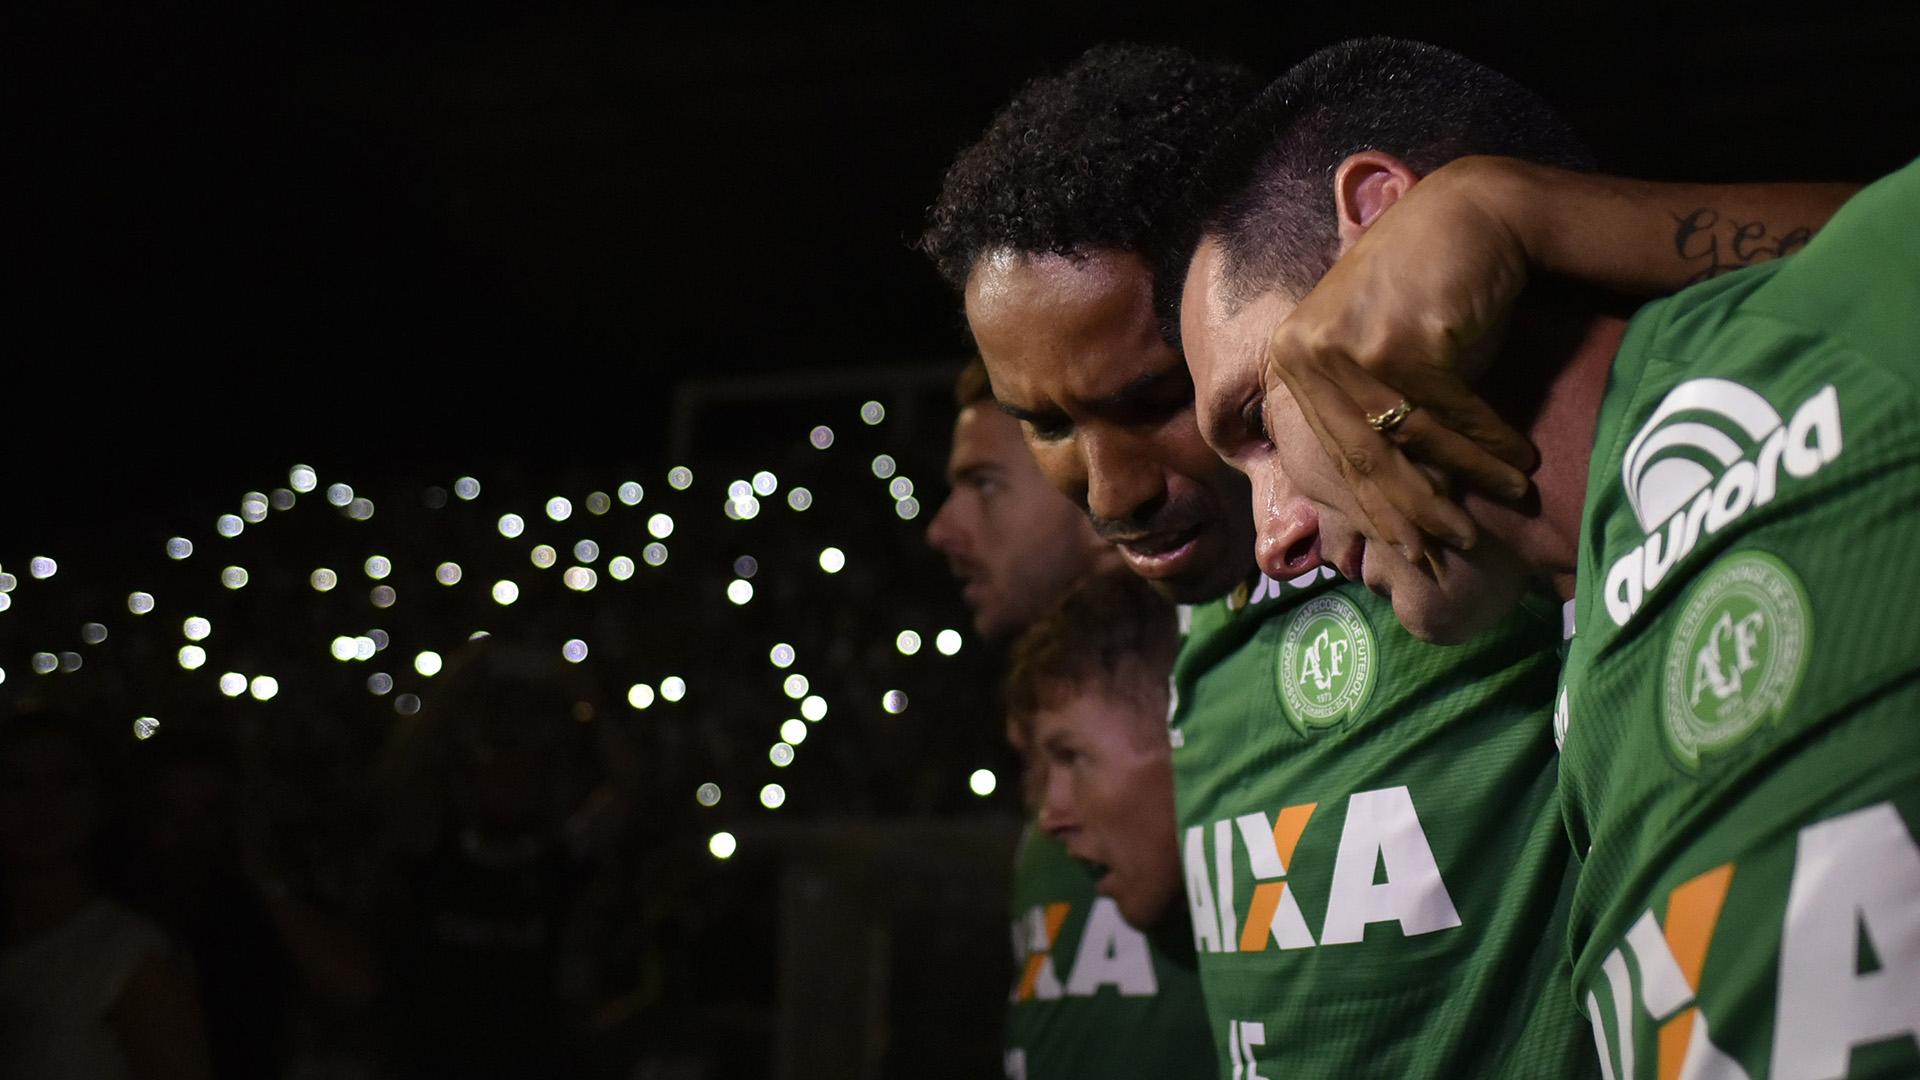 Seguro de vida e CBF darão 26 salários a famílias de jogadores da Chapecoense